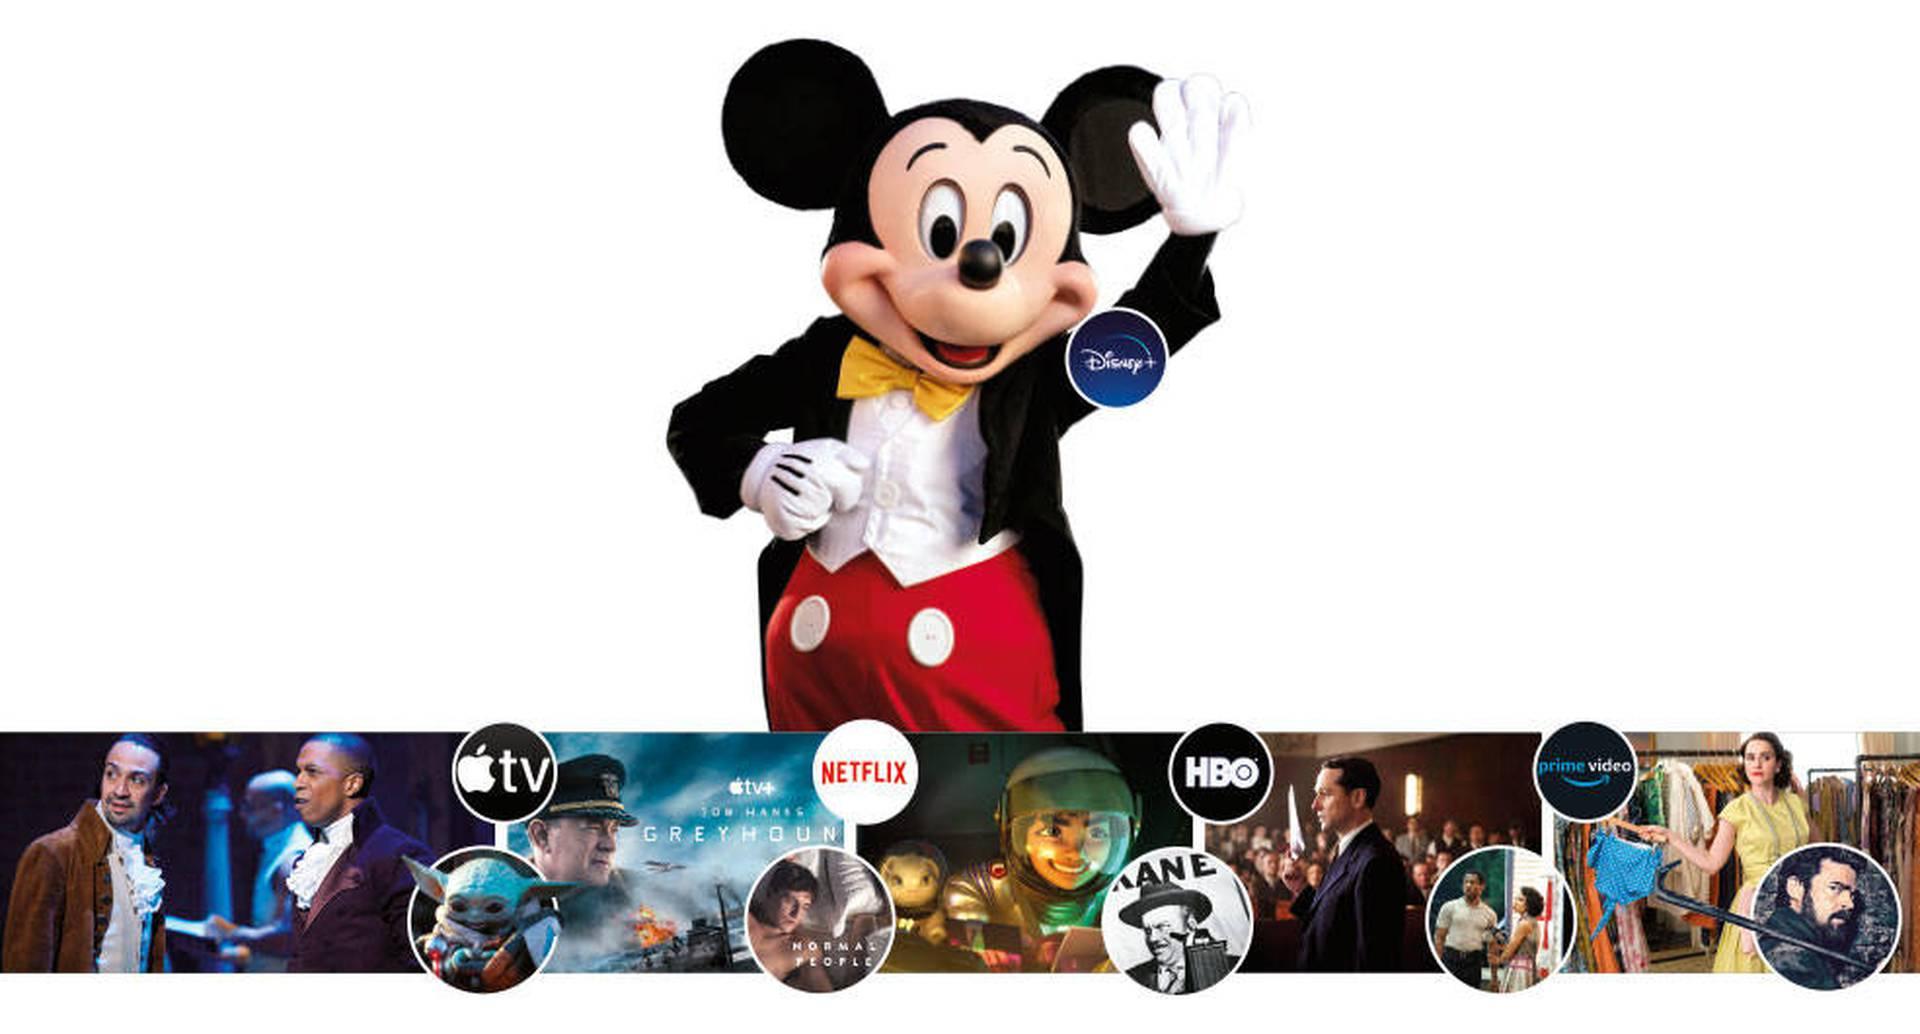 Mickey Mouse anunció la llegada de su plataforma de streaming a Latinoamérica el 17 de noviembre.